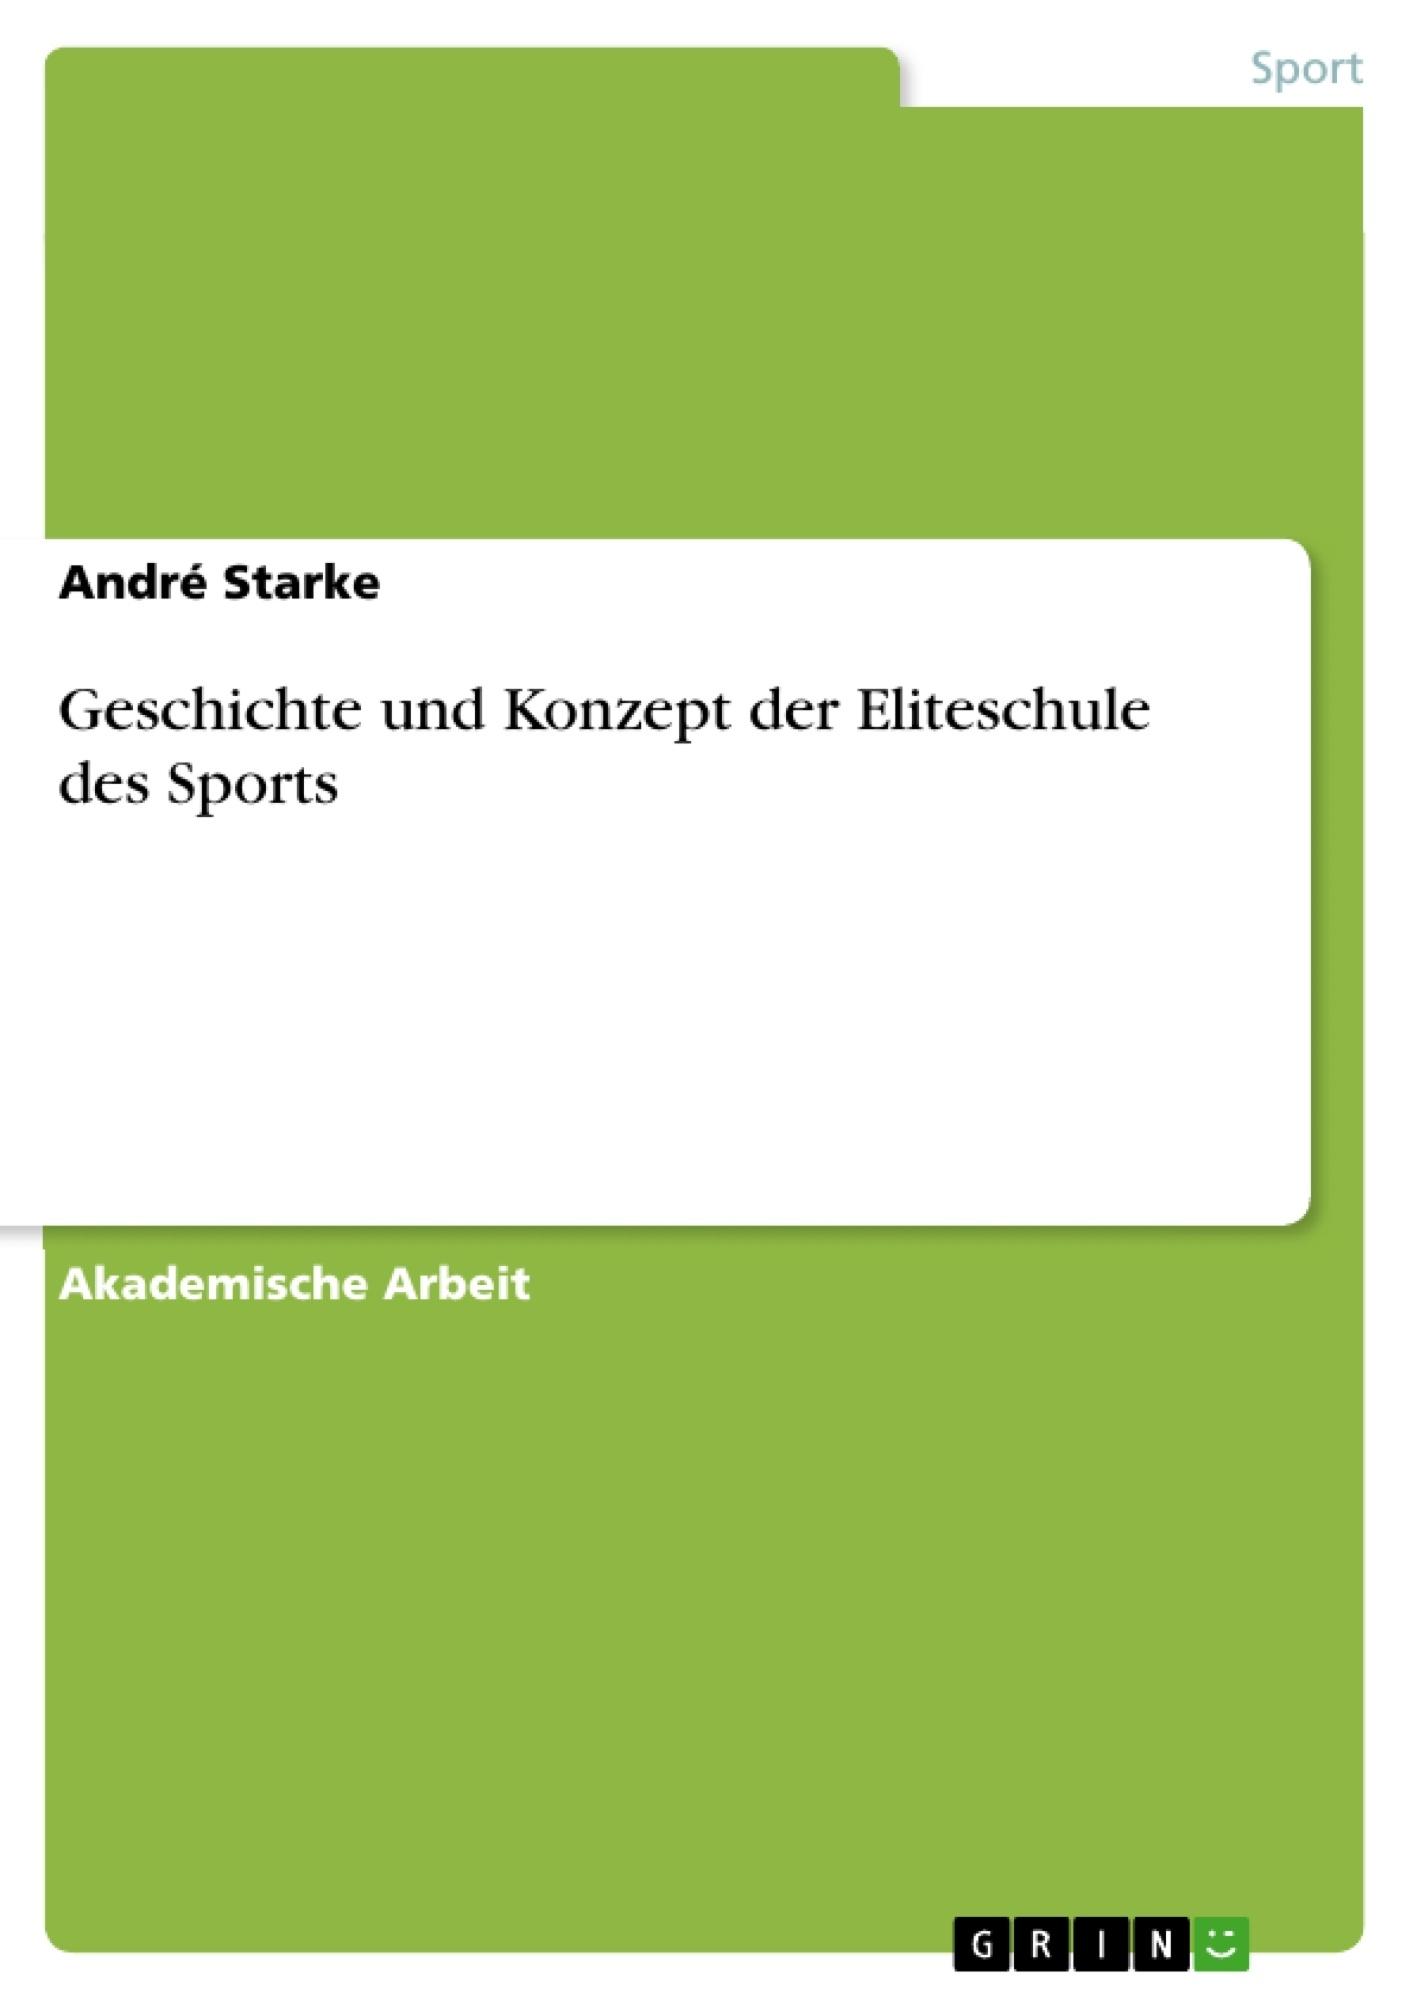 Titel: Geschichte und Konzept der Eliteschule des Sports